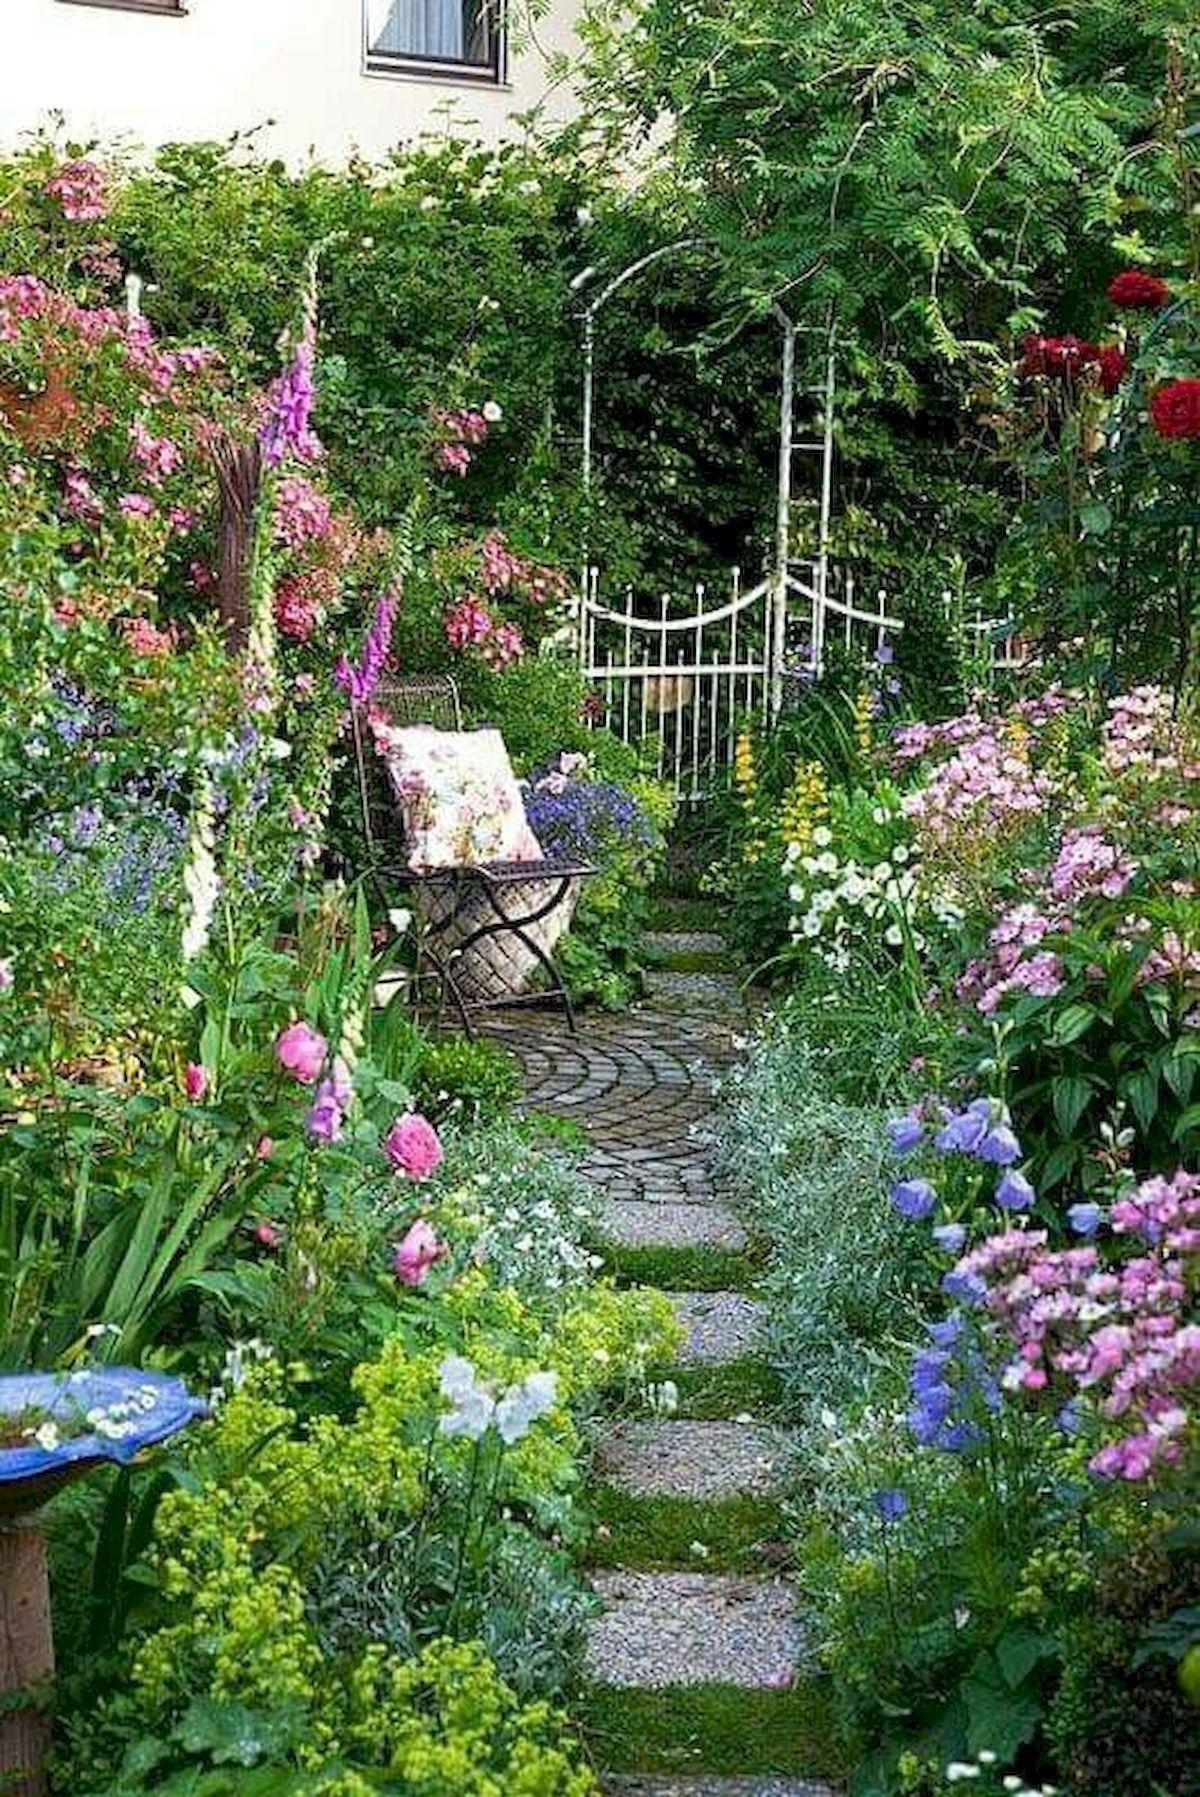 80 Best Garden Design Ideas For Making Your Page Beautiful Garten Landschaftsbau Garten Design Landschaftsbau